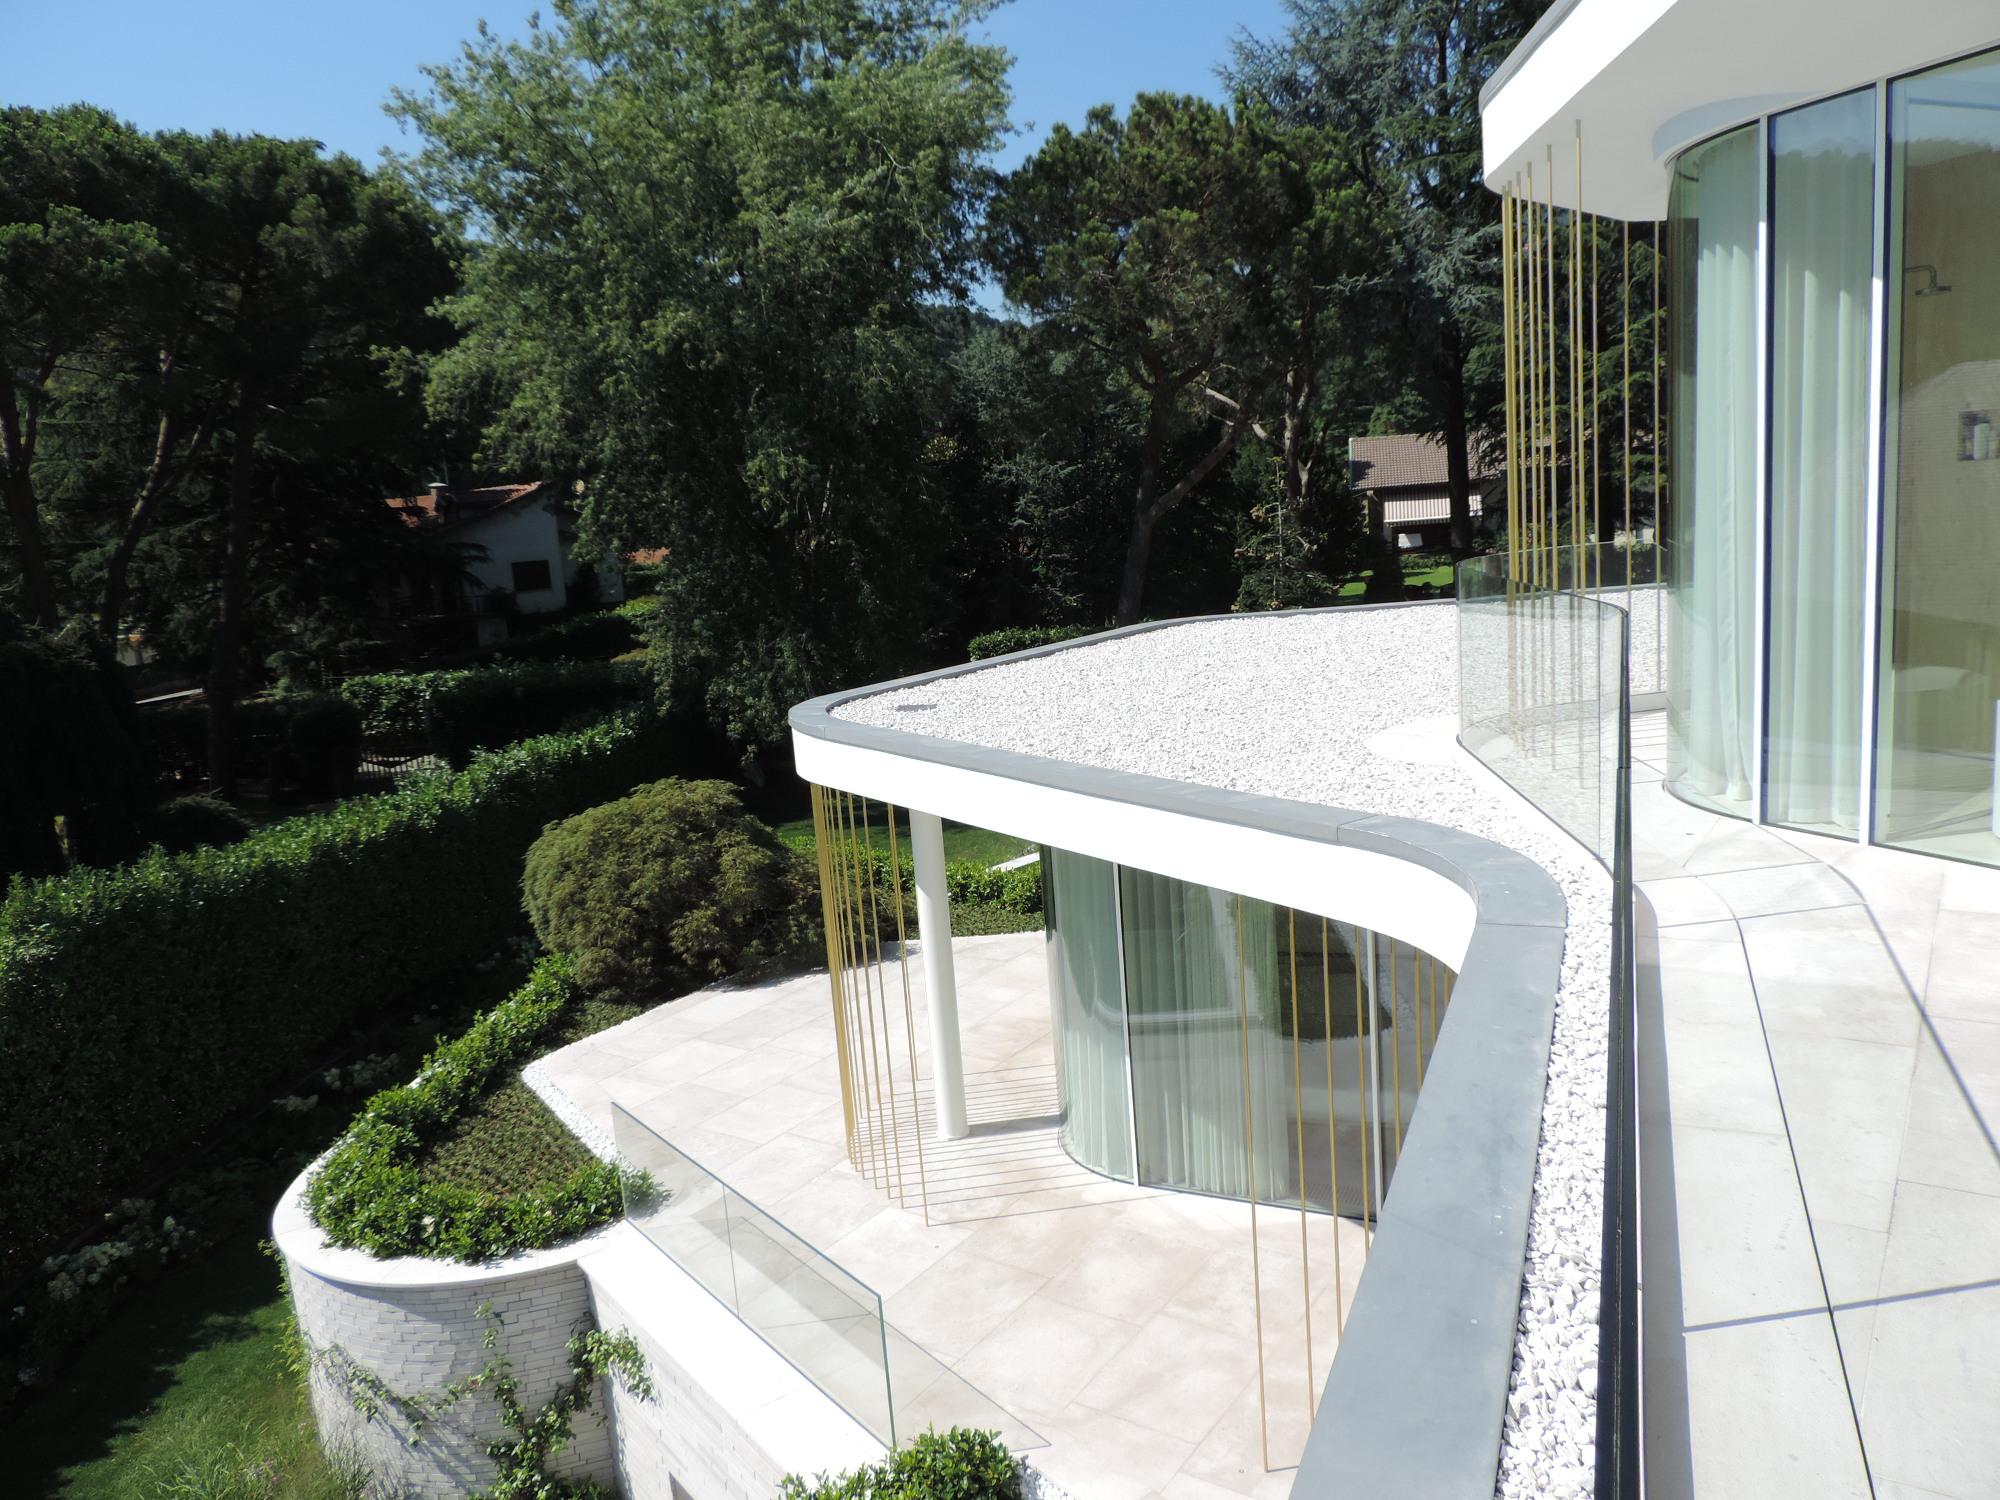 0718_RobertoManzetti-Architetto-NeuHouse-22